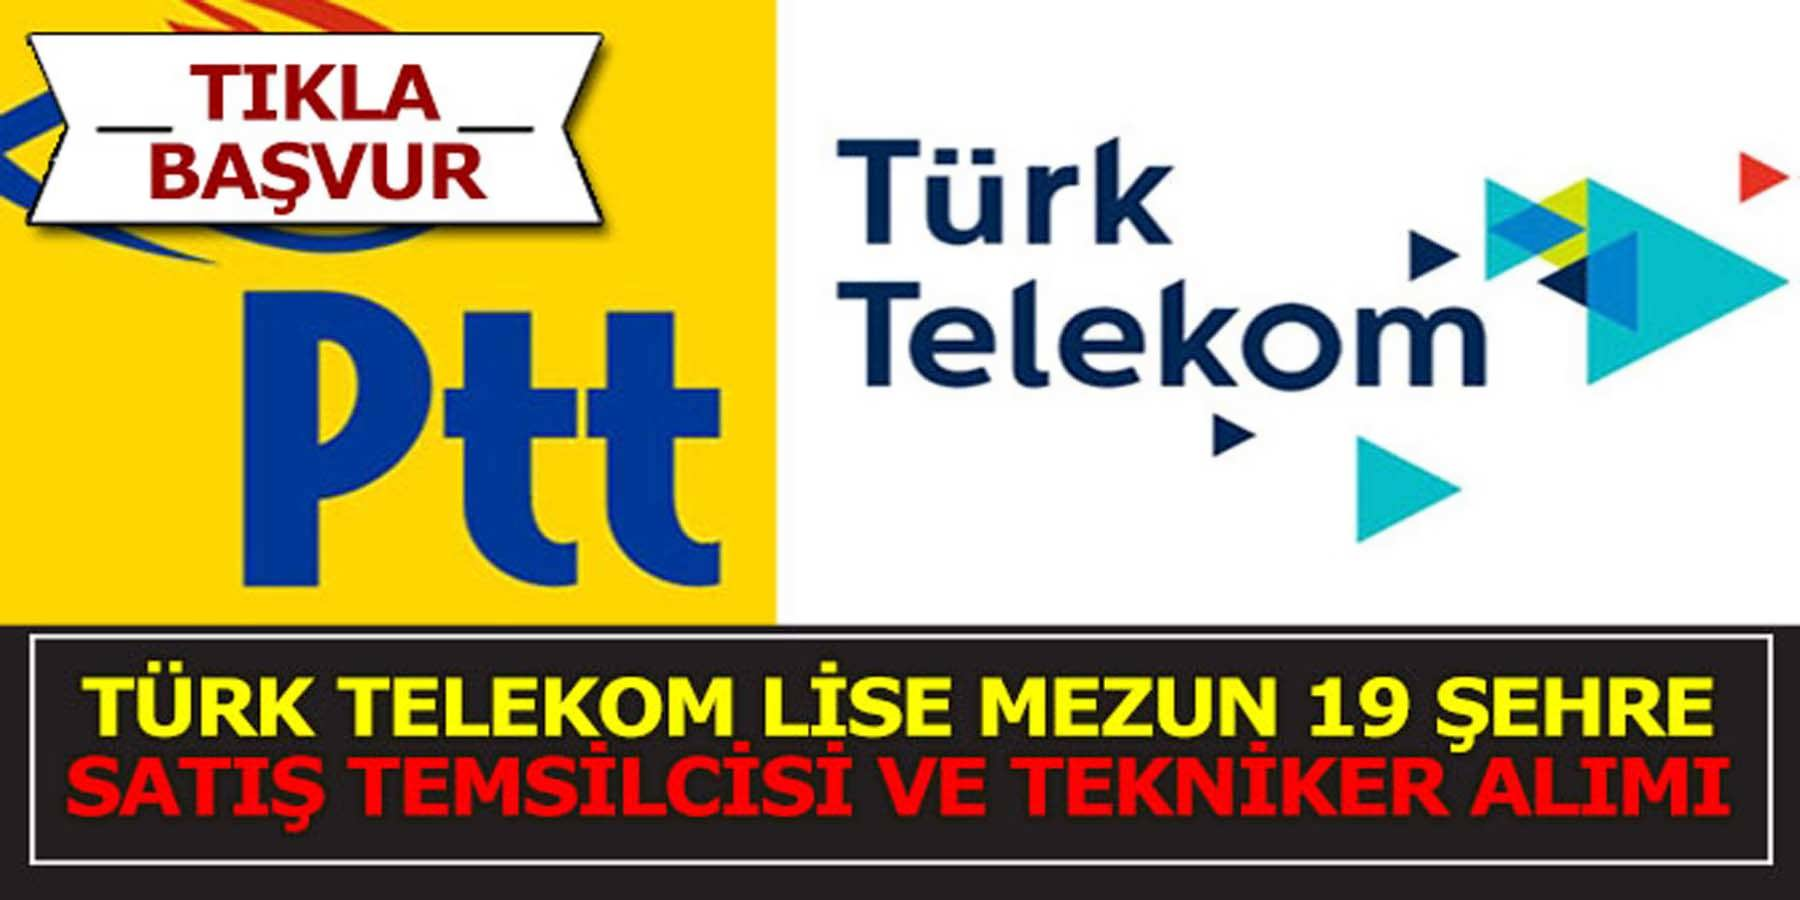 Türk Telekom Lise Mezun Tekniker Ve Satış Temsilcisi Alımı